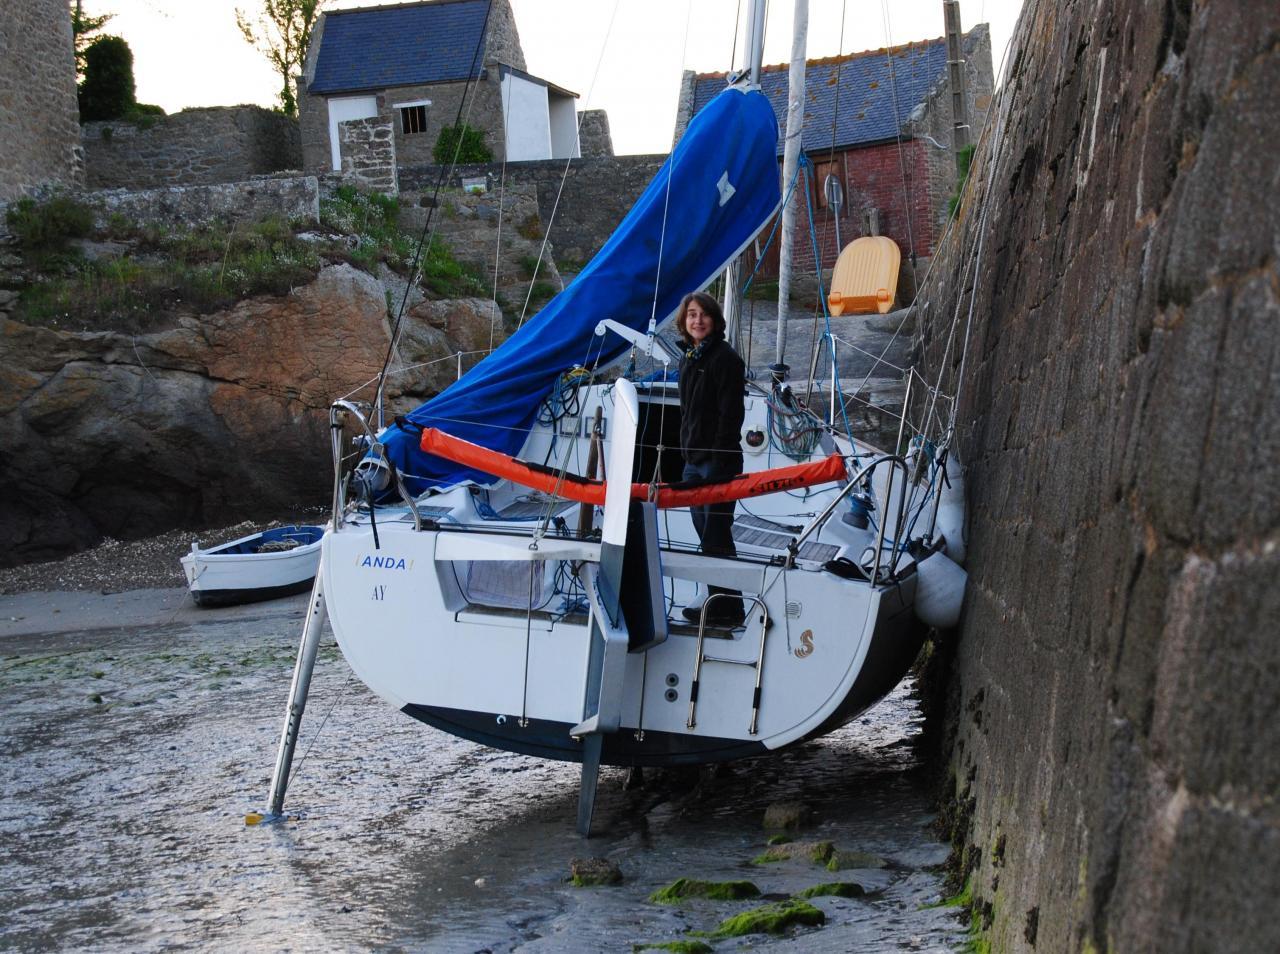 12 Anda à l'échouage au port du Châtelet